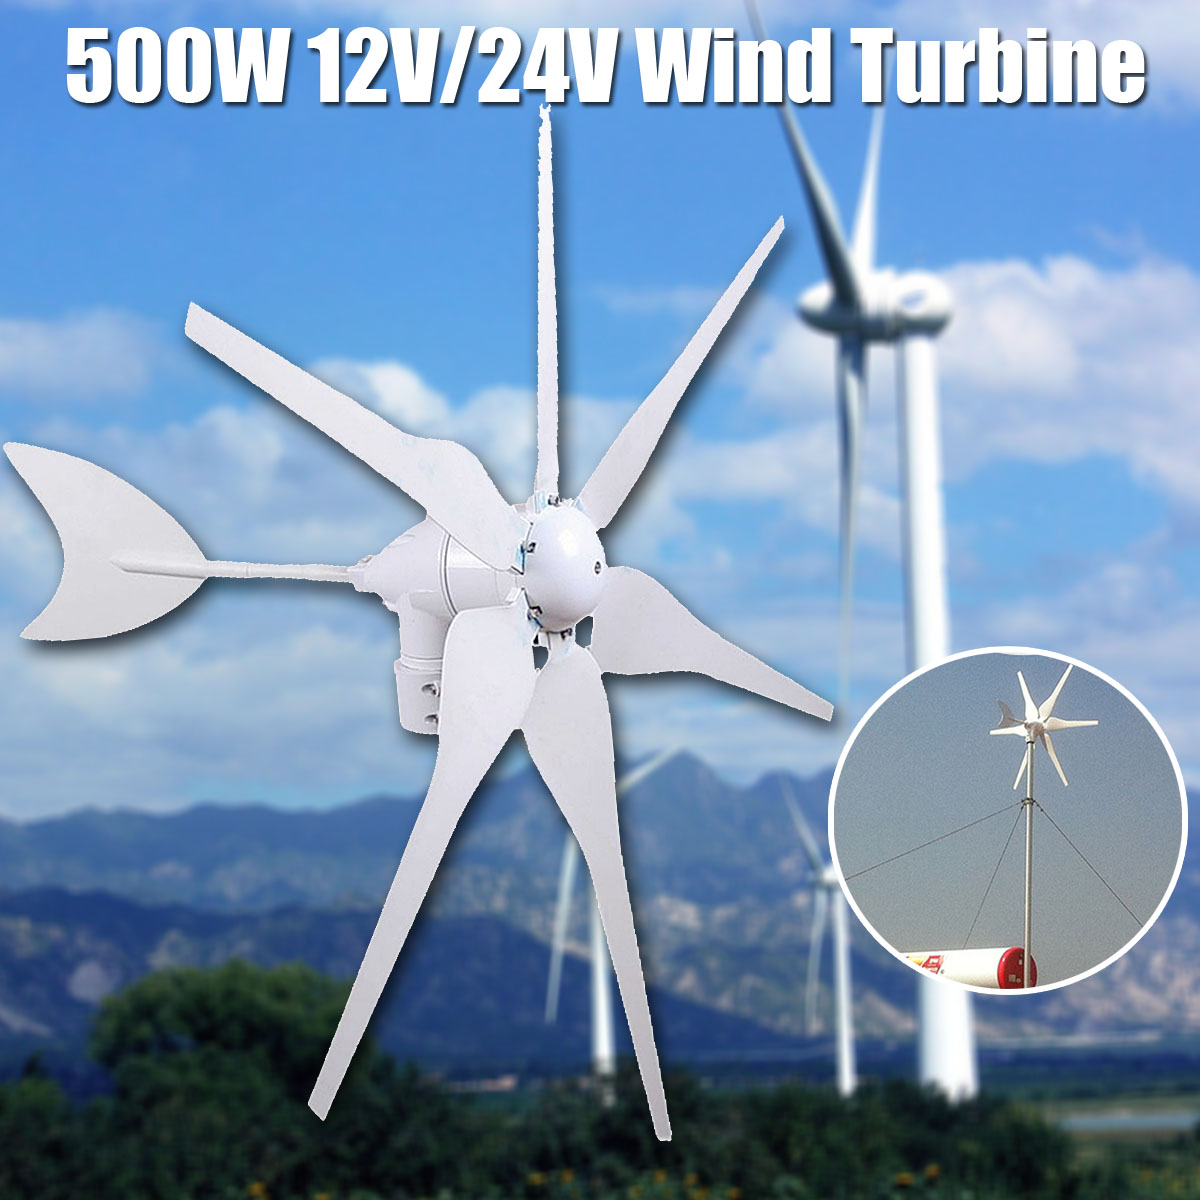 500 Вт 12 В/24 В энергии окружающей среды 6 лезвия мини ветровые турбины генератора миниатюрные ветер турбин жилой дом с контроллером